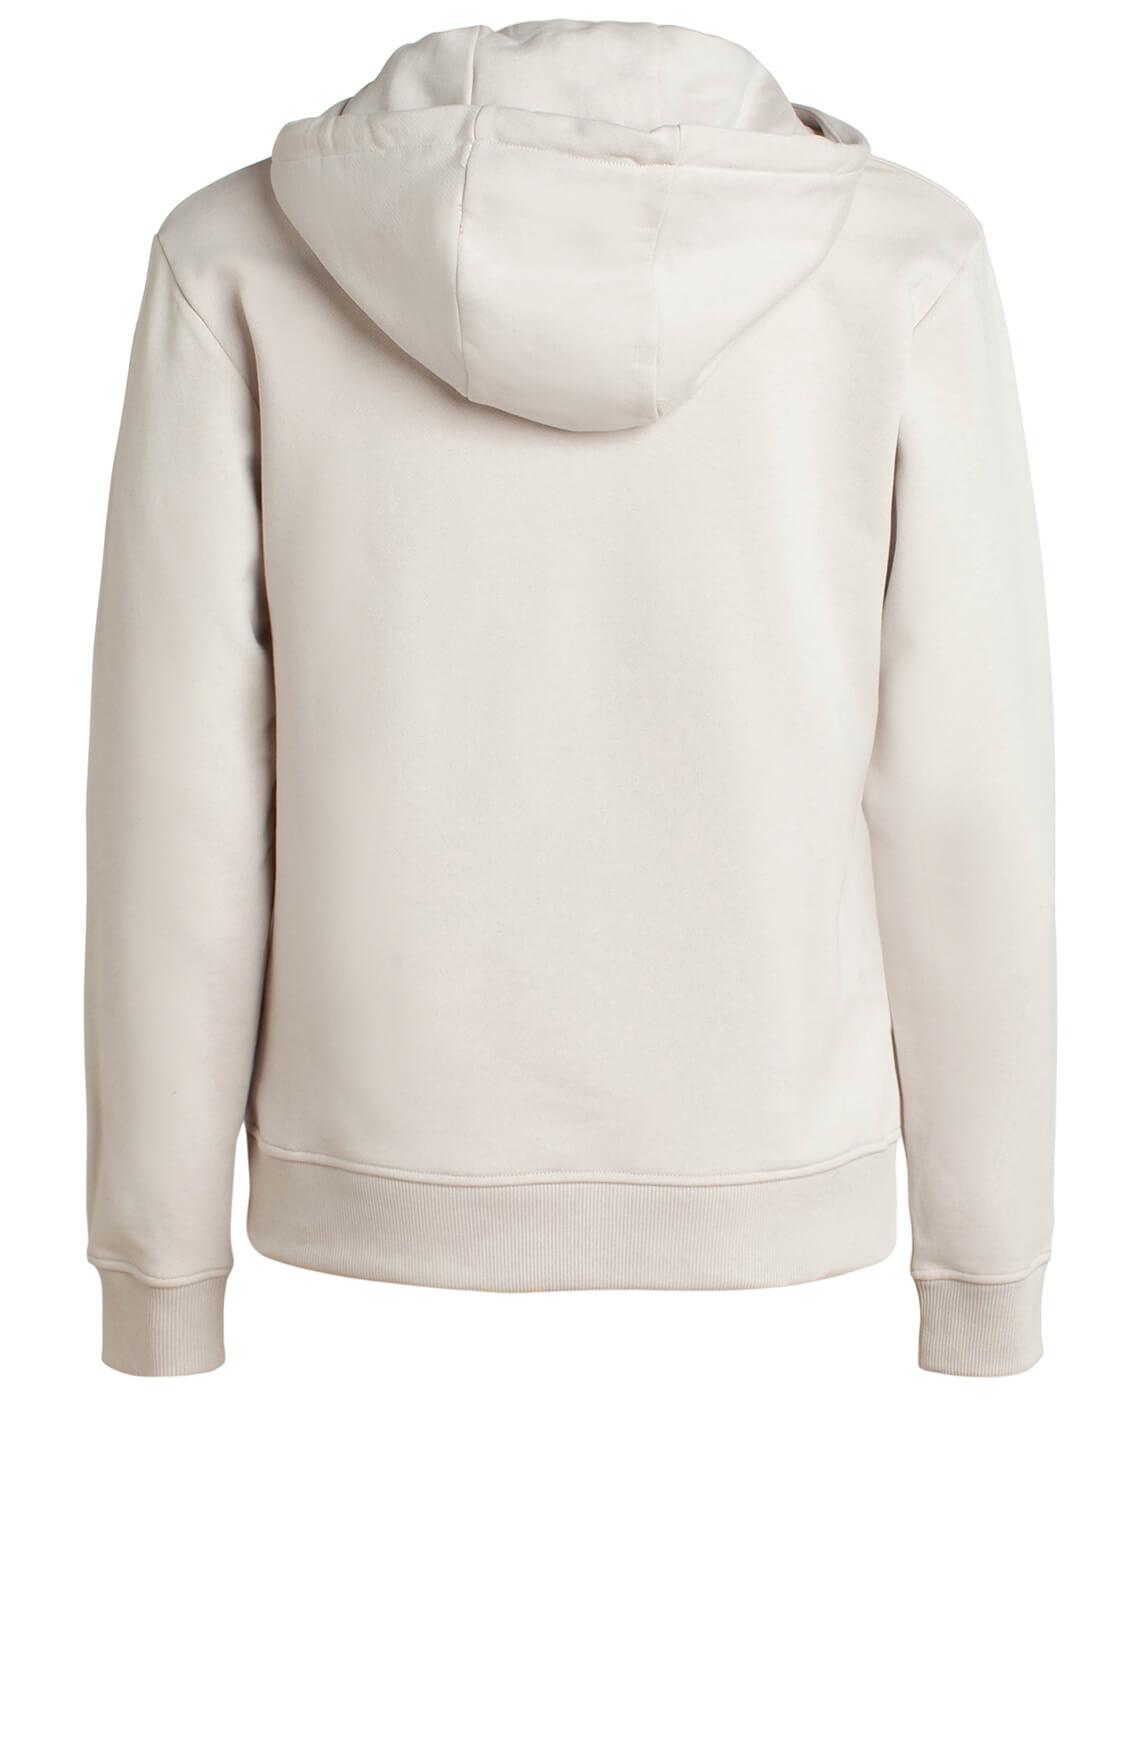 Moscow Dames Sweater met capuchon Ecru